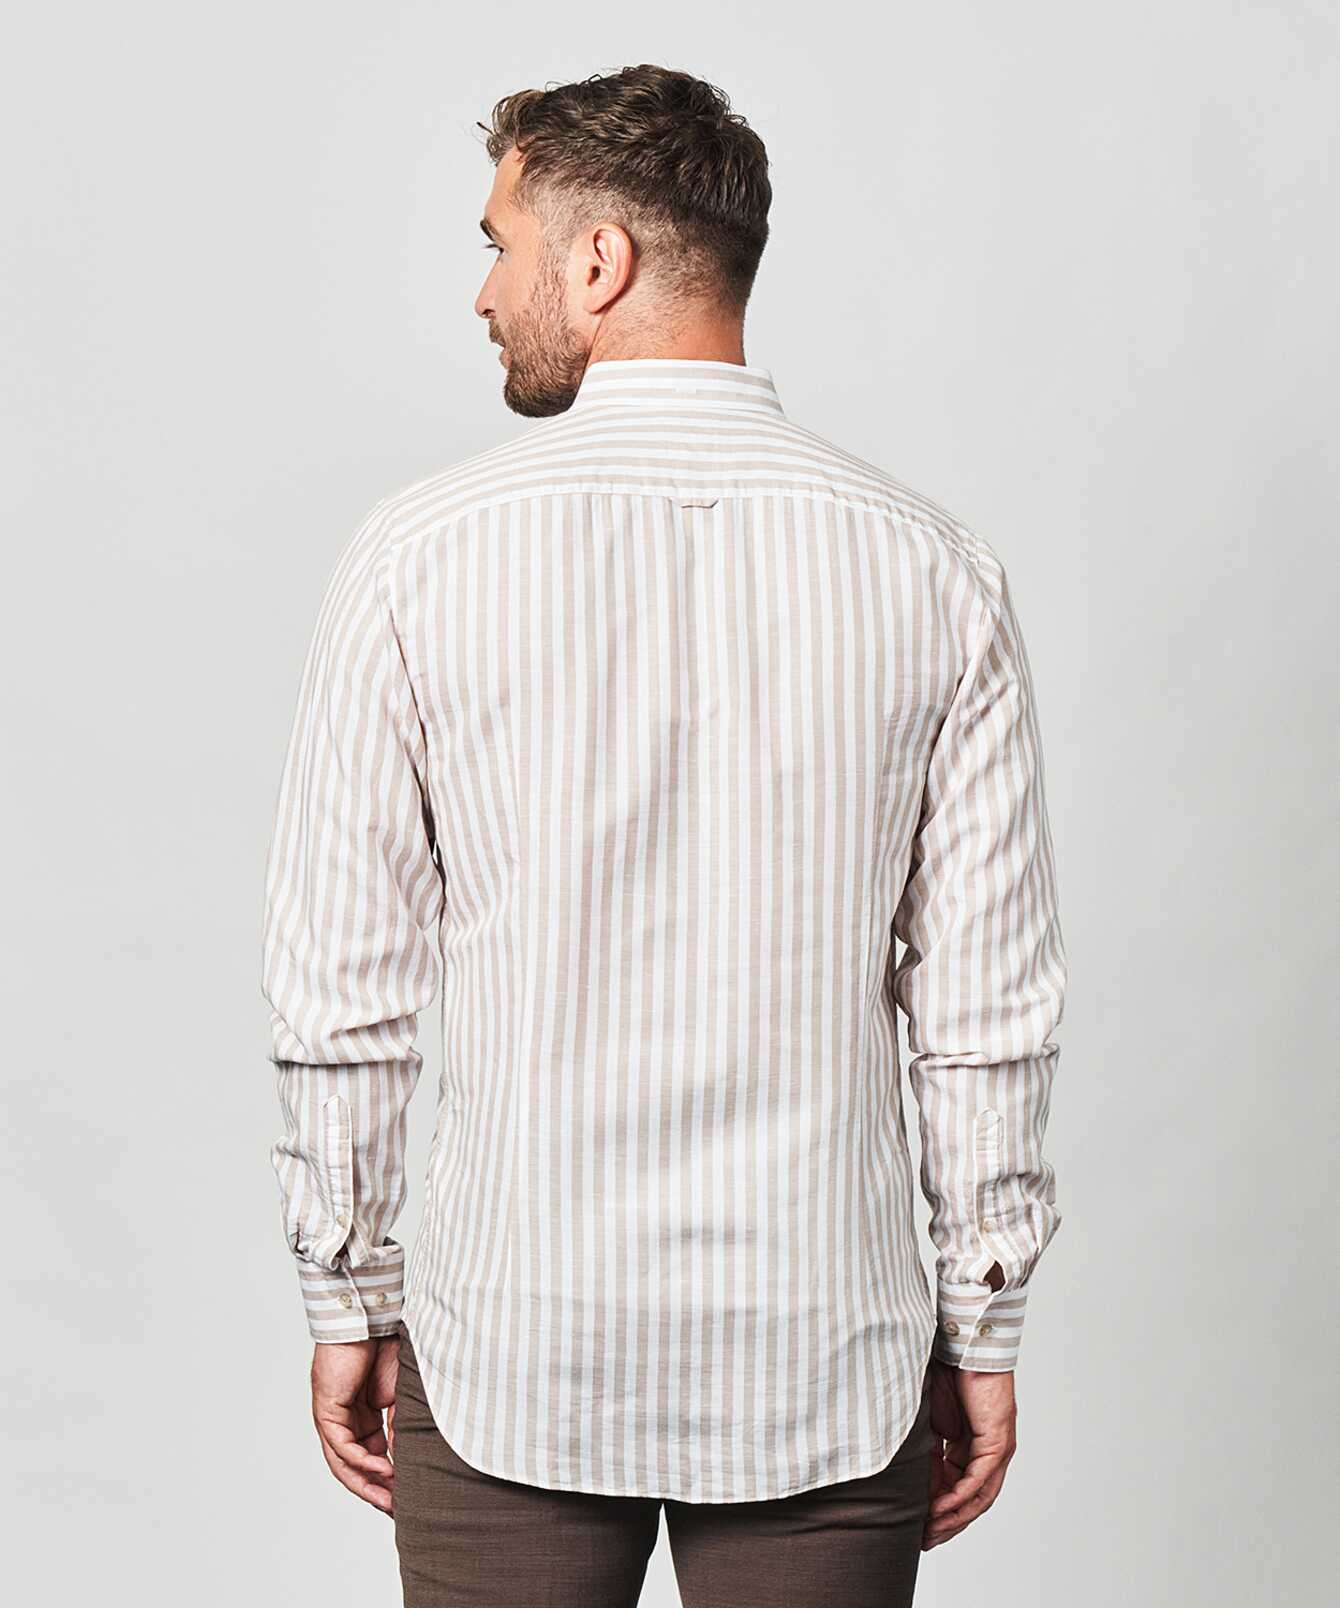 Shirt Linen Stripe Beige The Shirt Factory